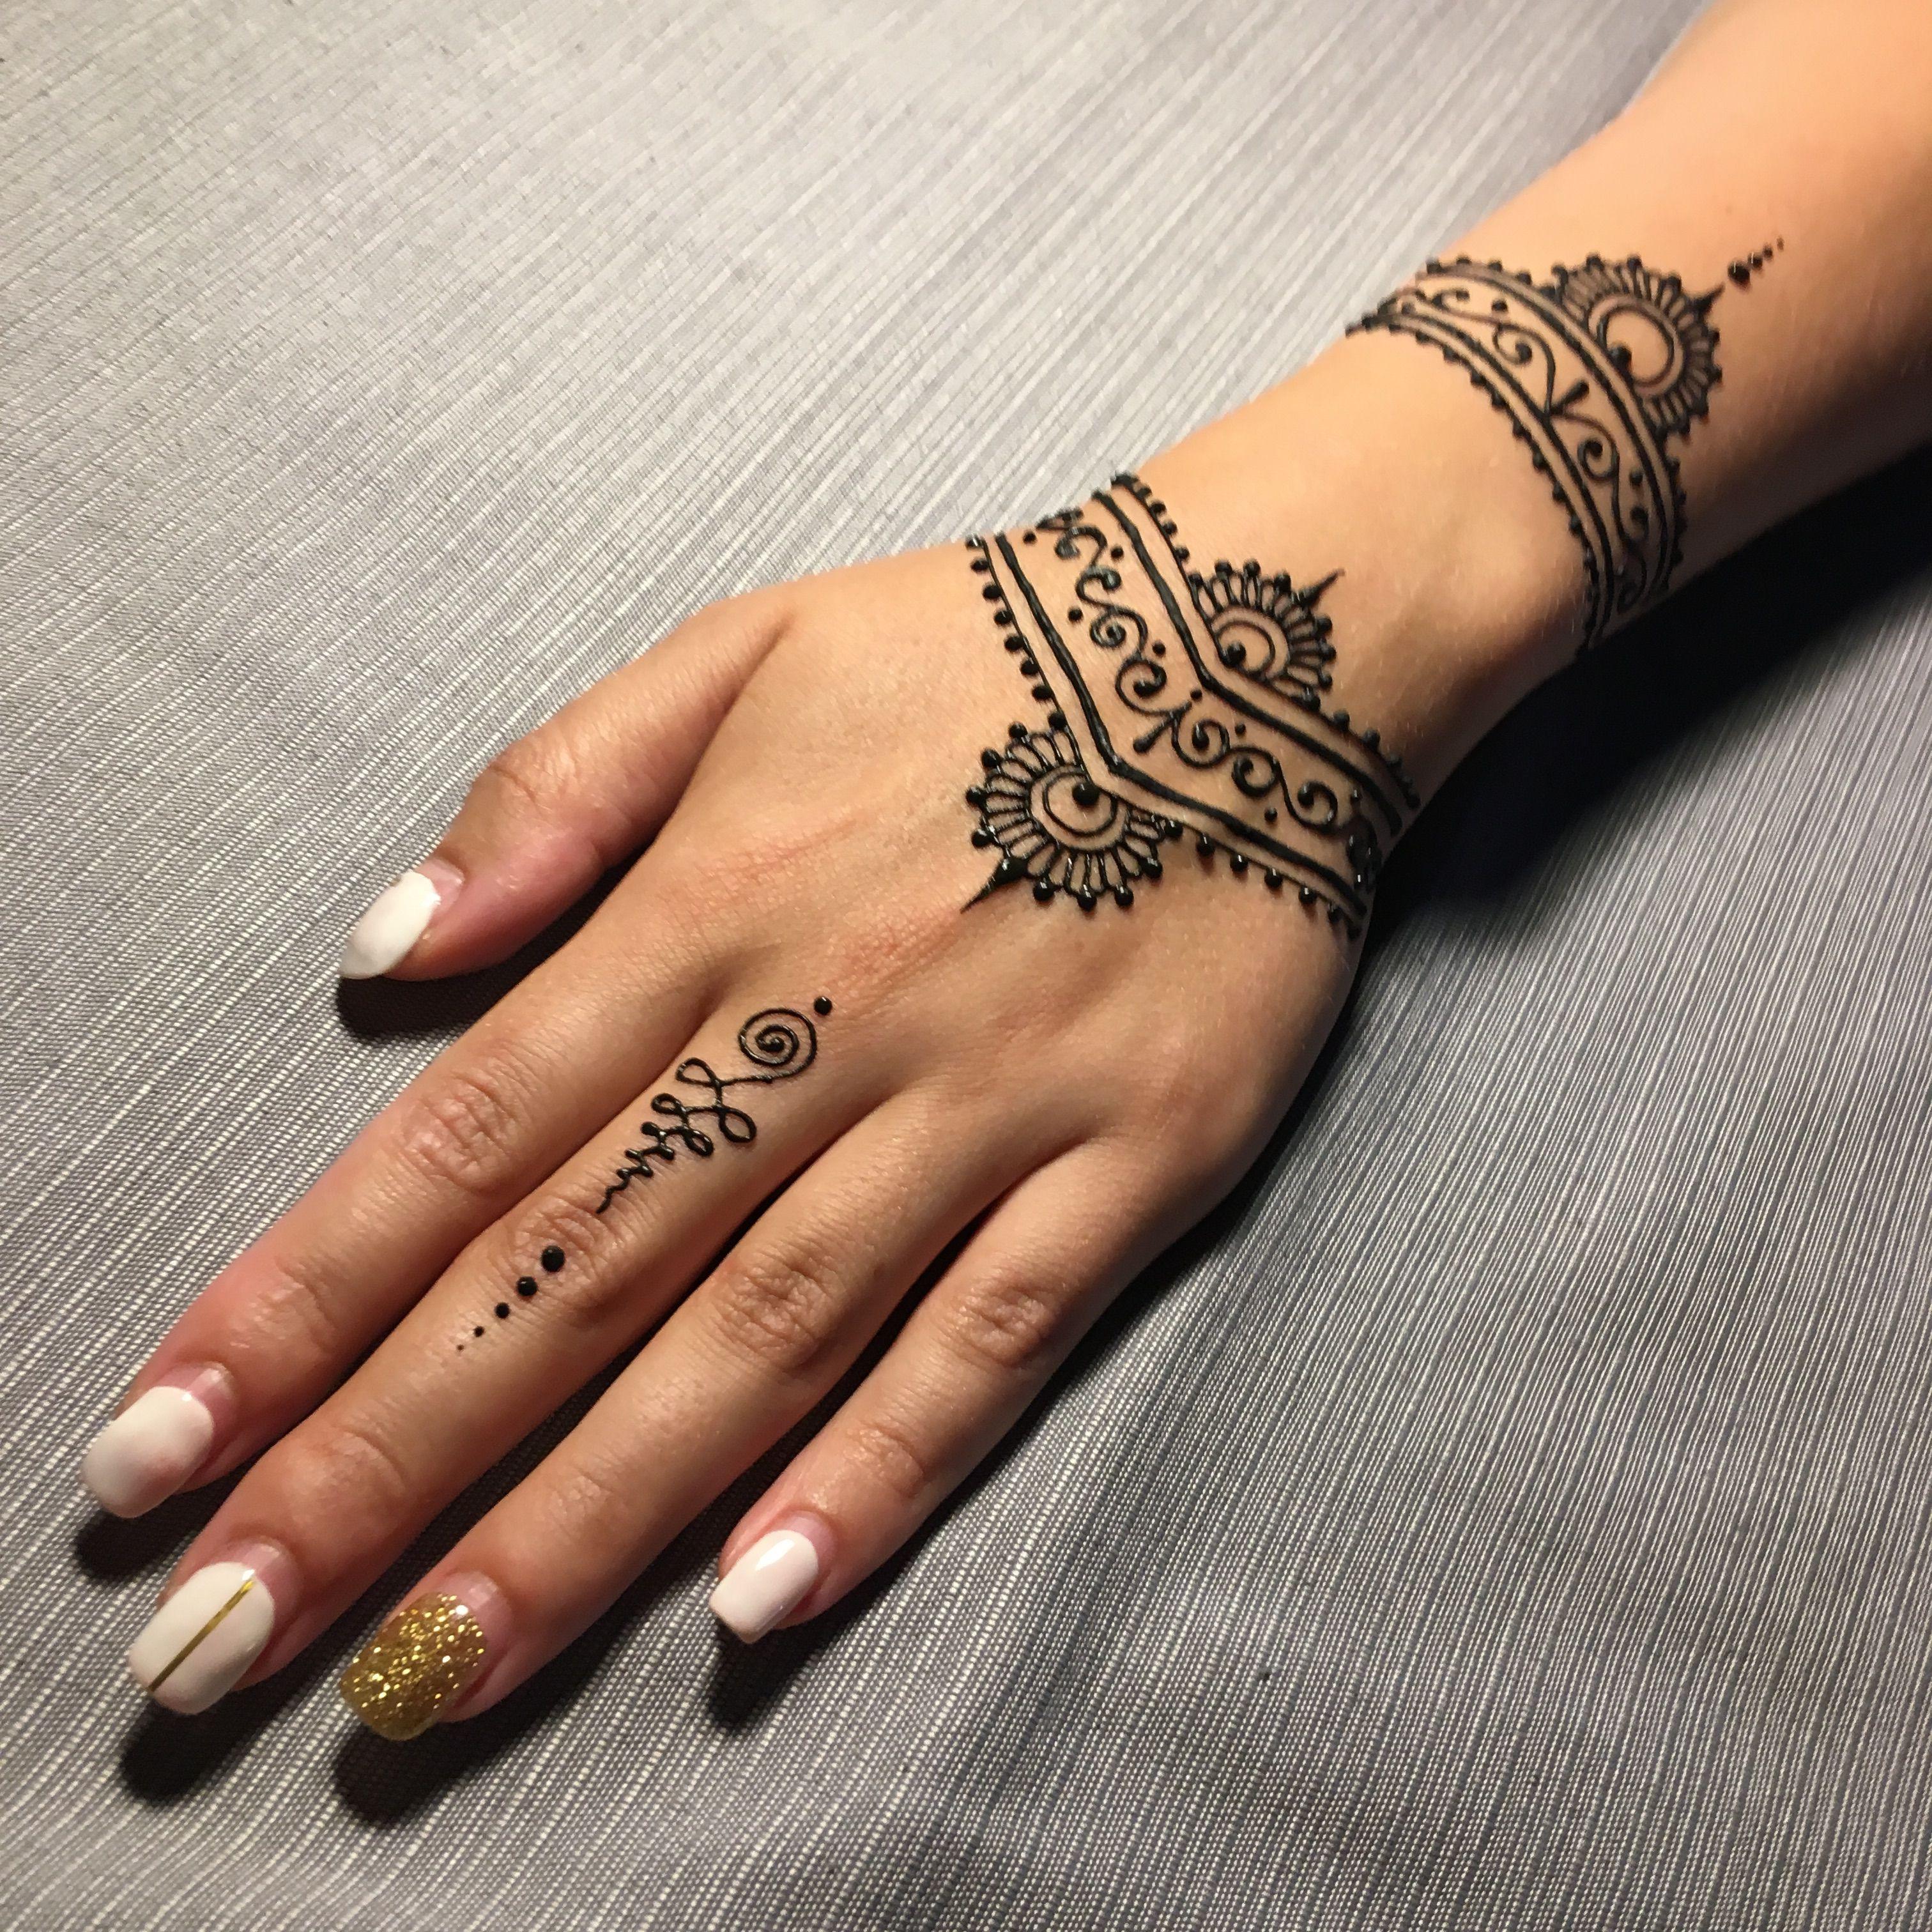 Yuliashmidt Henna Mehendi Hennaart Hennatatoo Mehendi Tatuhnoj Ideimehendi Id Henna Tattoo Designs Simple Henna Tattoo Designs Hand Simple Henna Tattoo